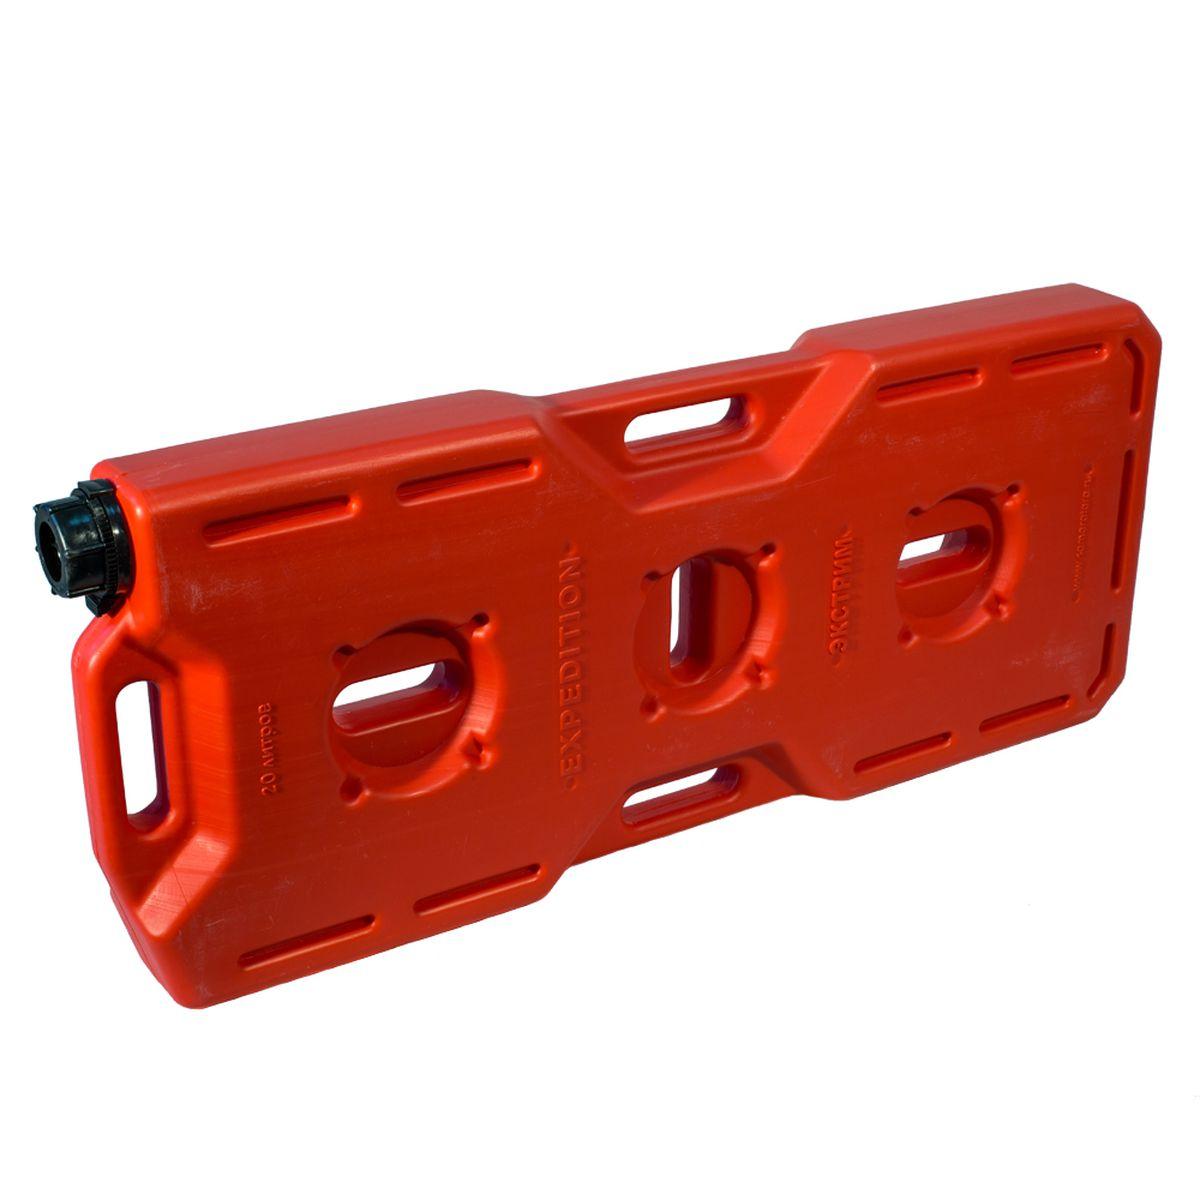 Канистра Экстрим Плюс, цвет: красный, 20 л какой мотоцикл бу можно или квадроцикл за 30 000